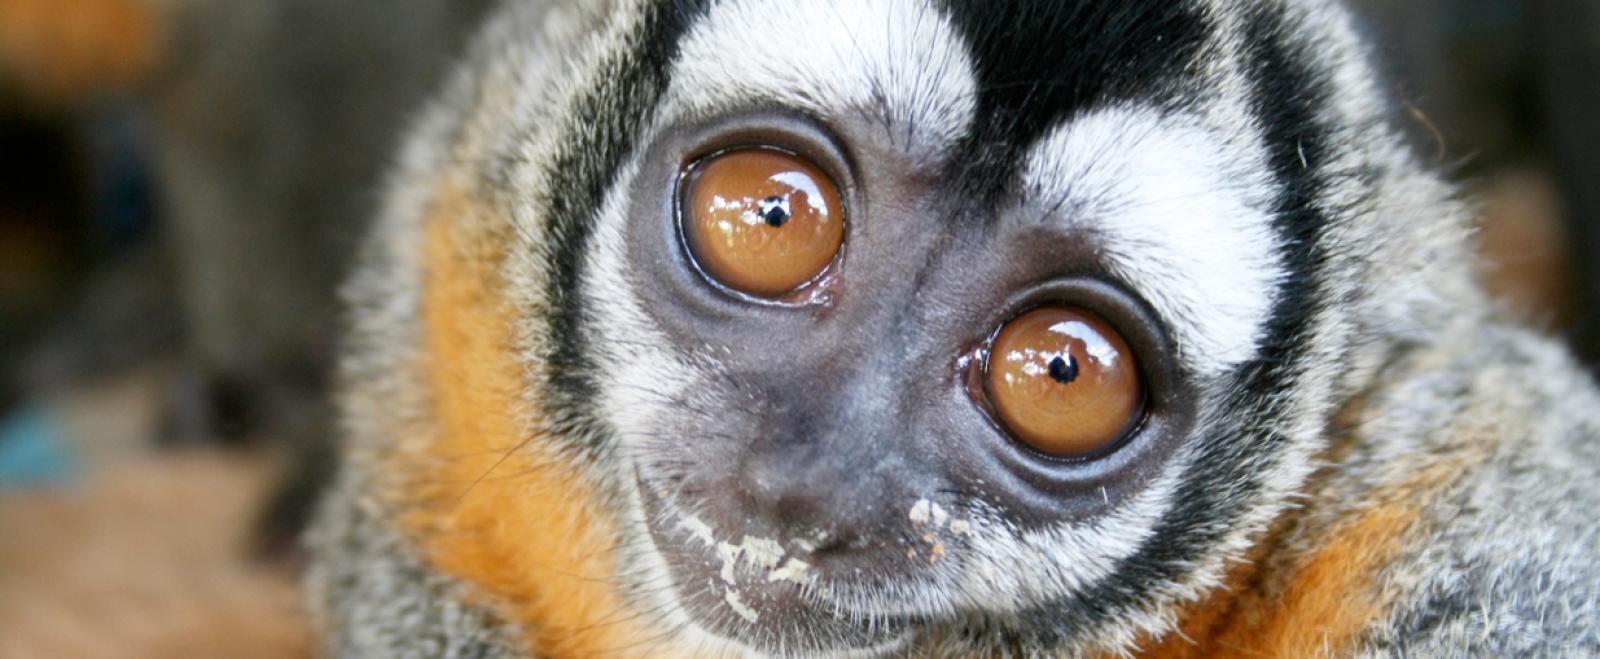 南米ペルーのタリカヤ自然保護区で保護されたサル